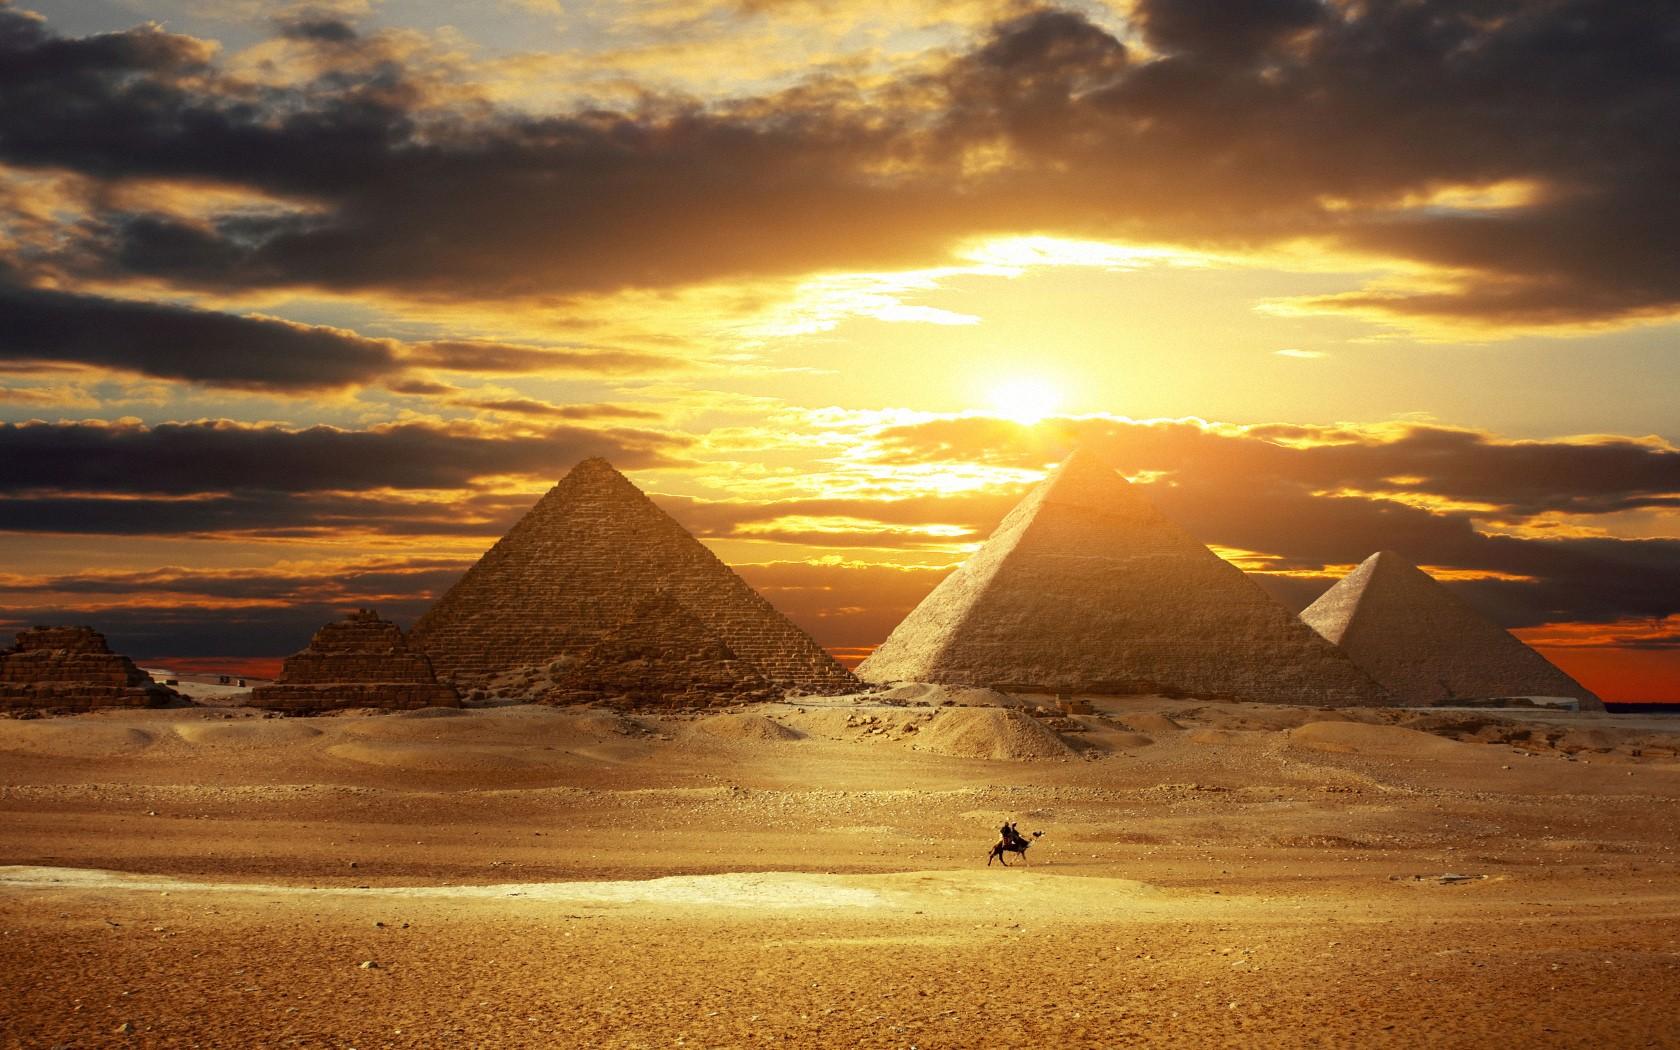 EGIPAT HURGADA LETO CENOVNIK ALL INCLUSIVE POVOLJNO